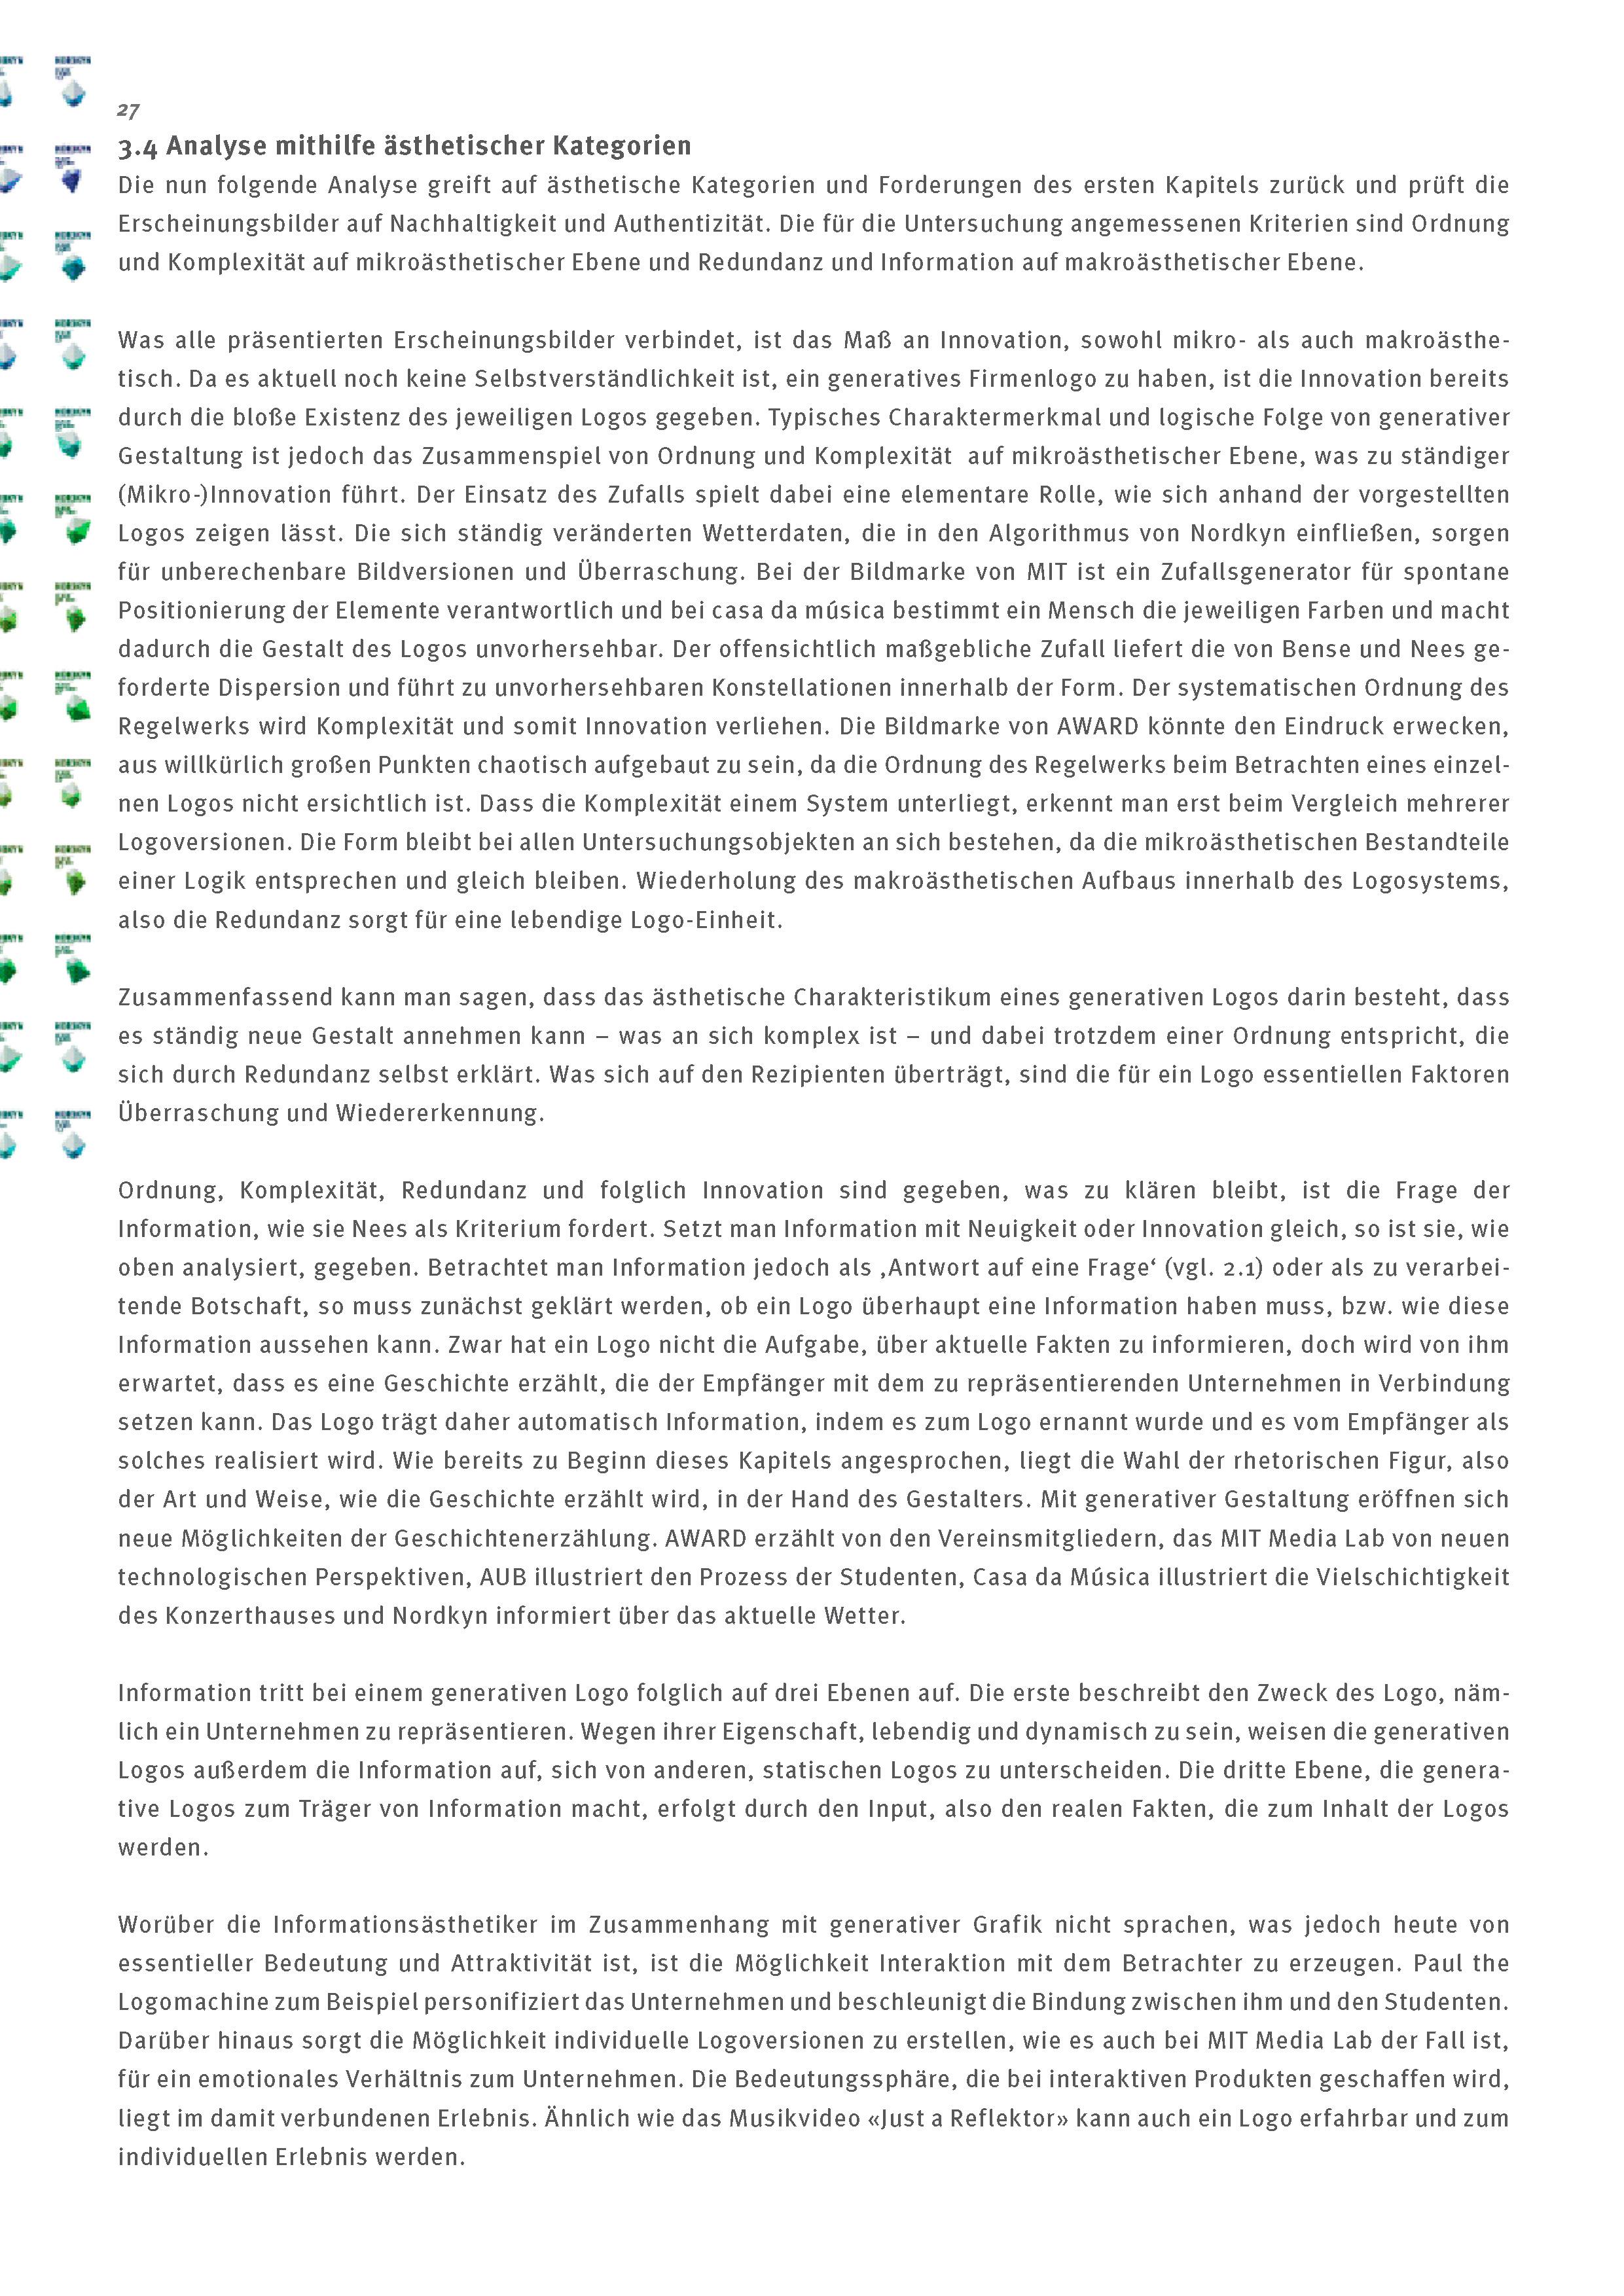 Generative Gestaltung-eine Entwurfsmethode_Einzelseiten_Seite_27.jpg